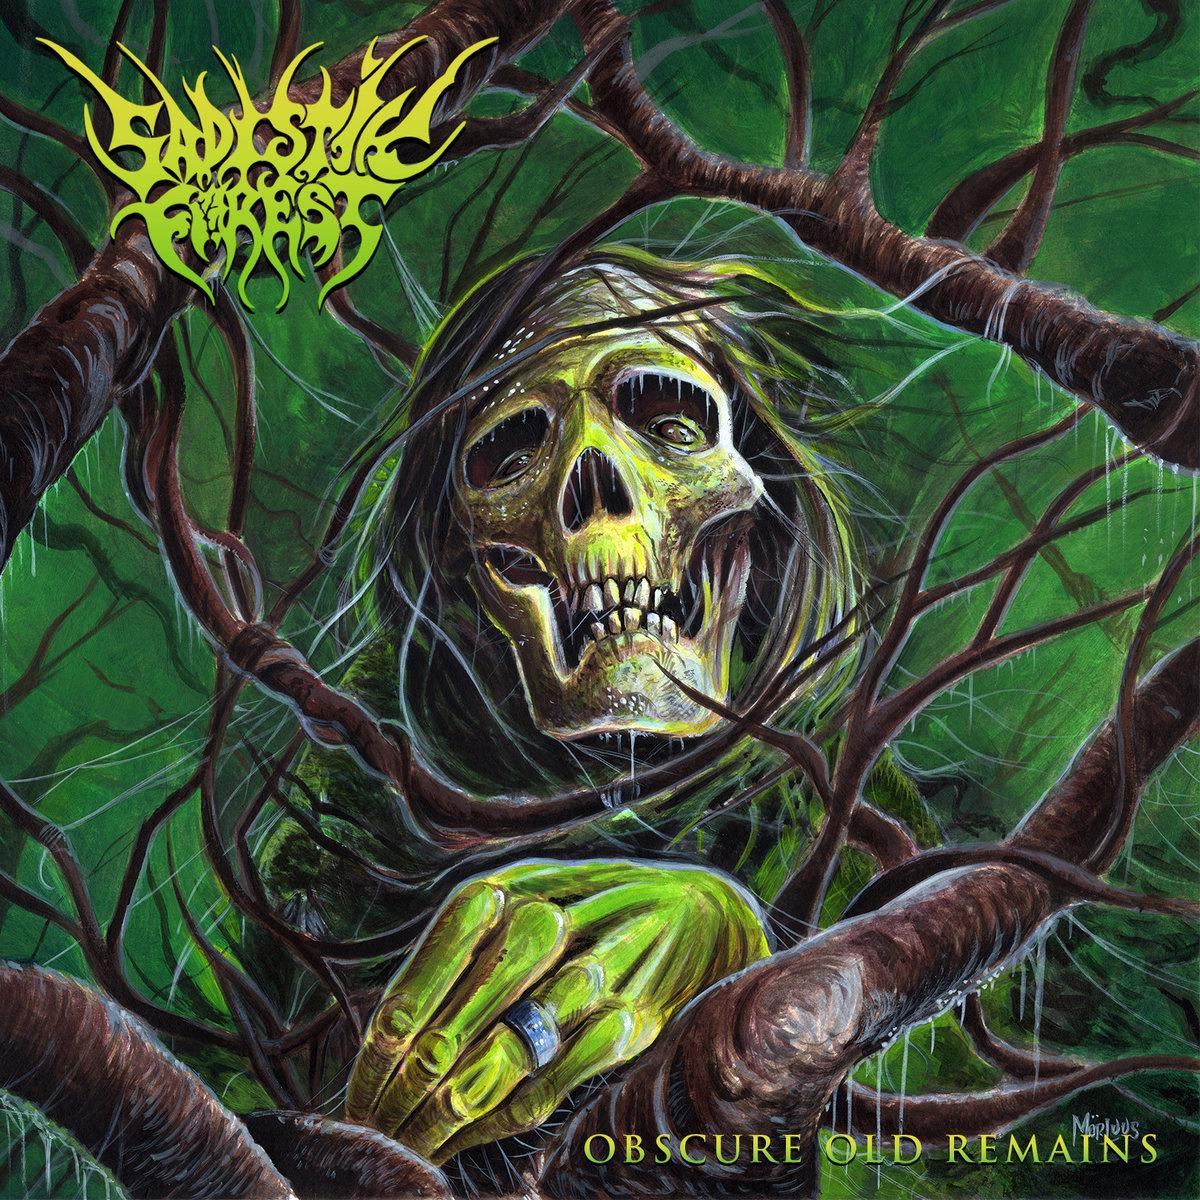 Sadistik Forest Obscure Old Remains Album Cover Artwork